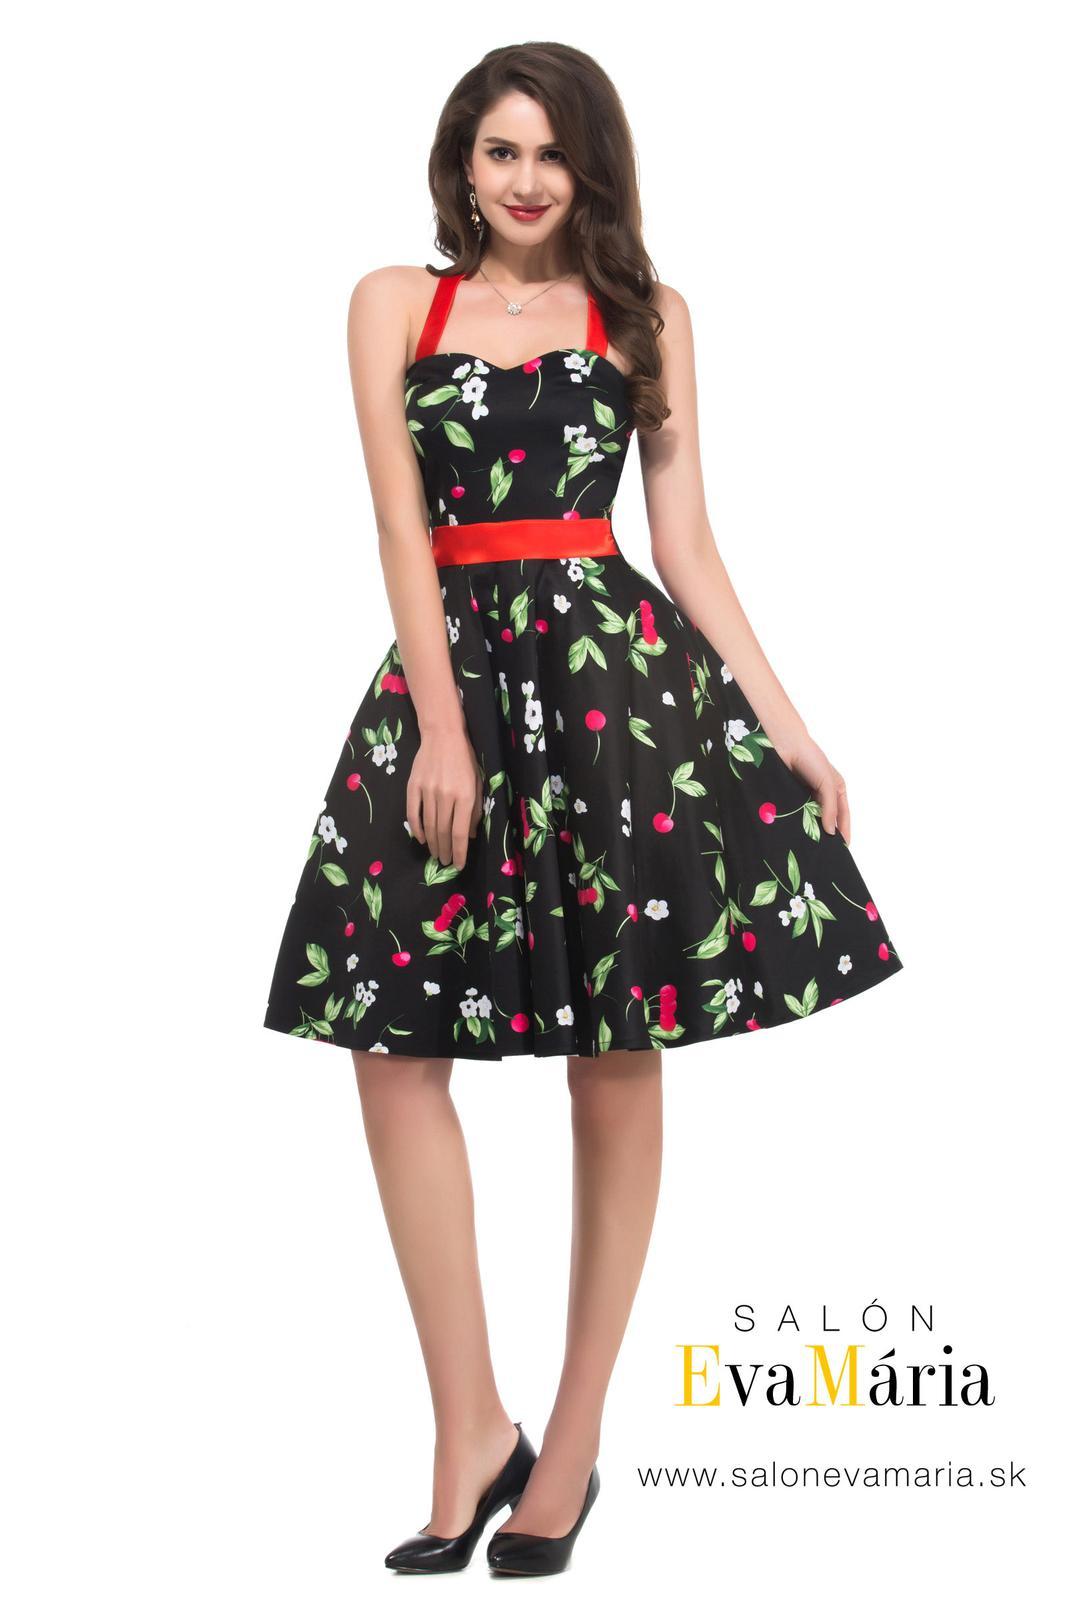 Retro šaty - Jedinečné čierne retro šaty s čerešňami - 50. roky SKLADOM: http://salonevamaria.sk/index.php?id_category=27&controller=category NA OBJEDNÁVKU: http://salonevamaria.sk/index.php?id_category=10&controller=category